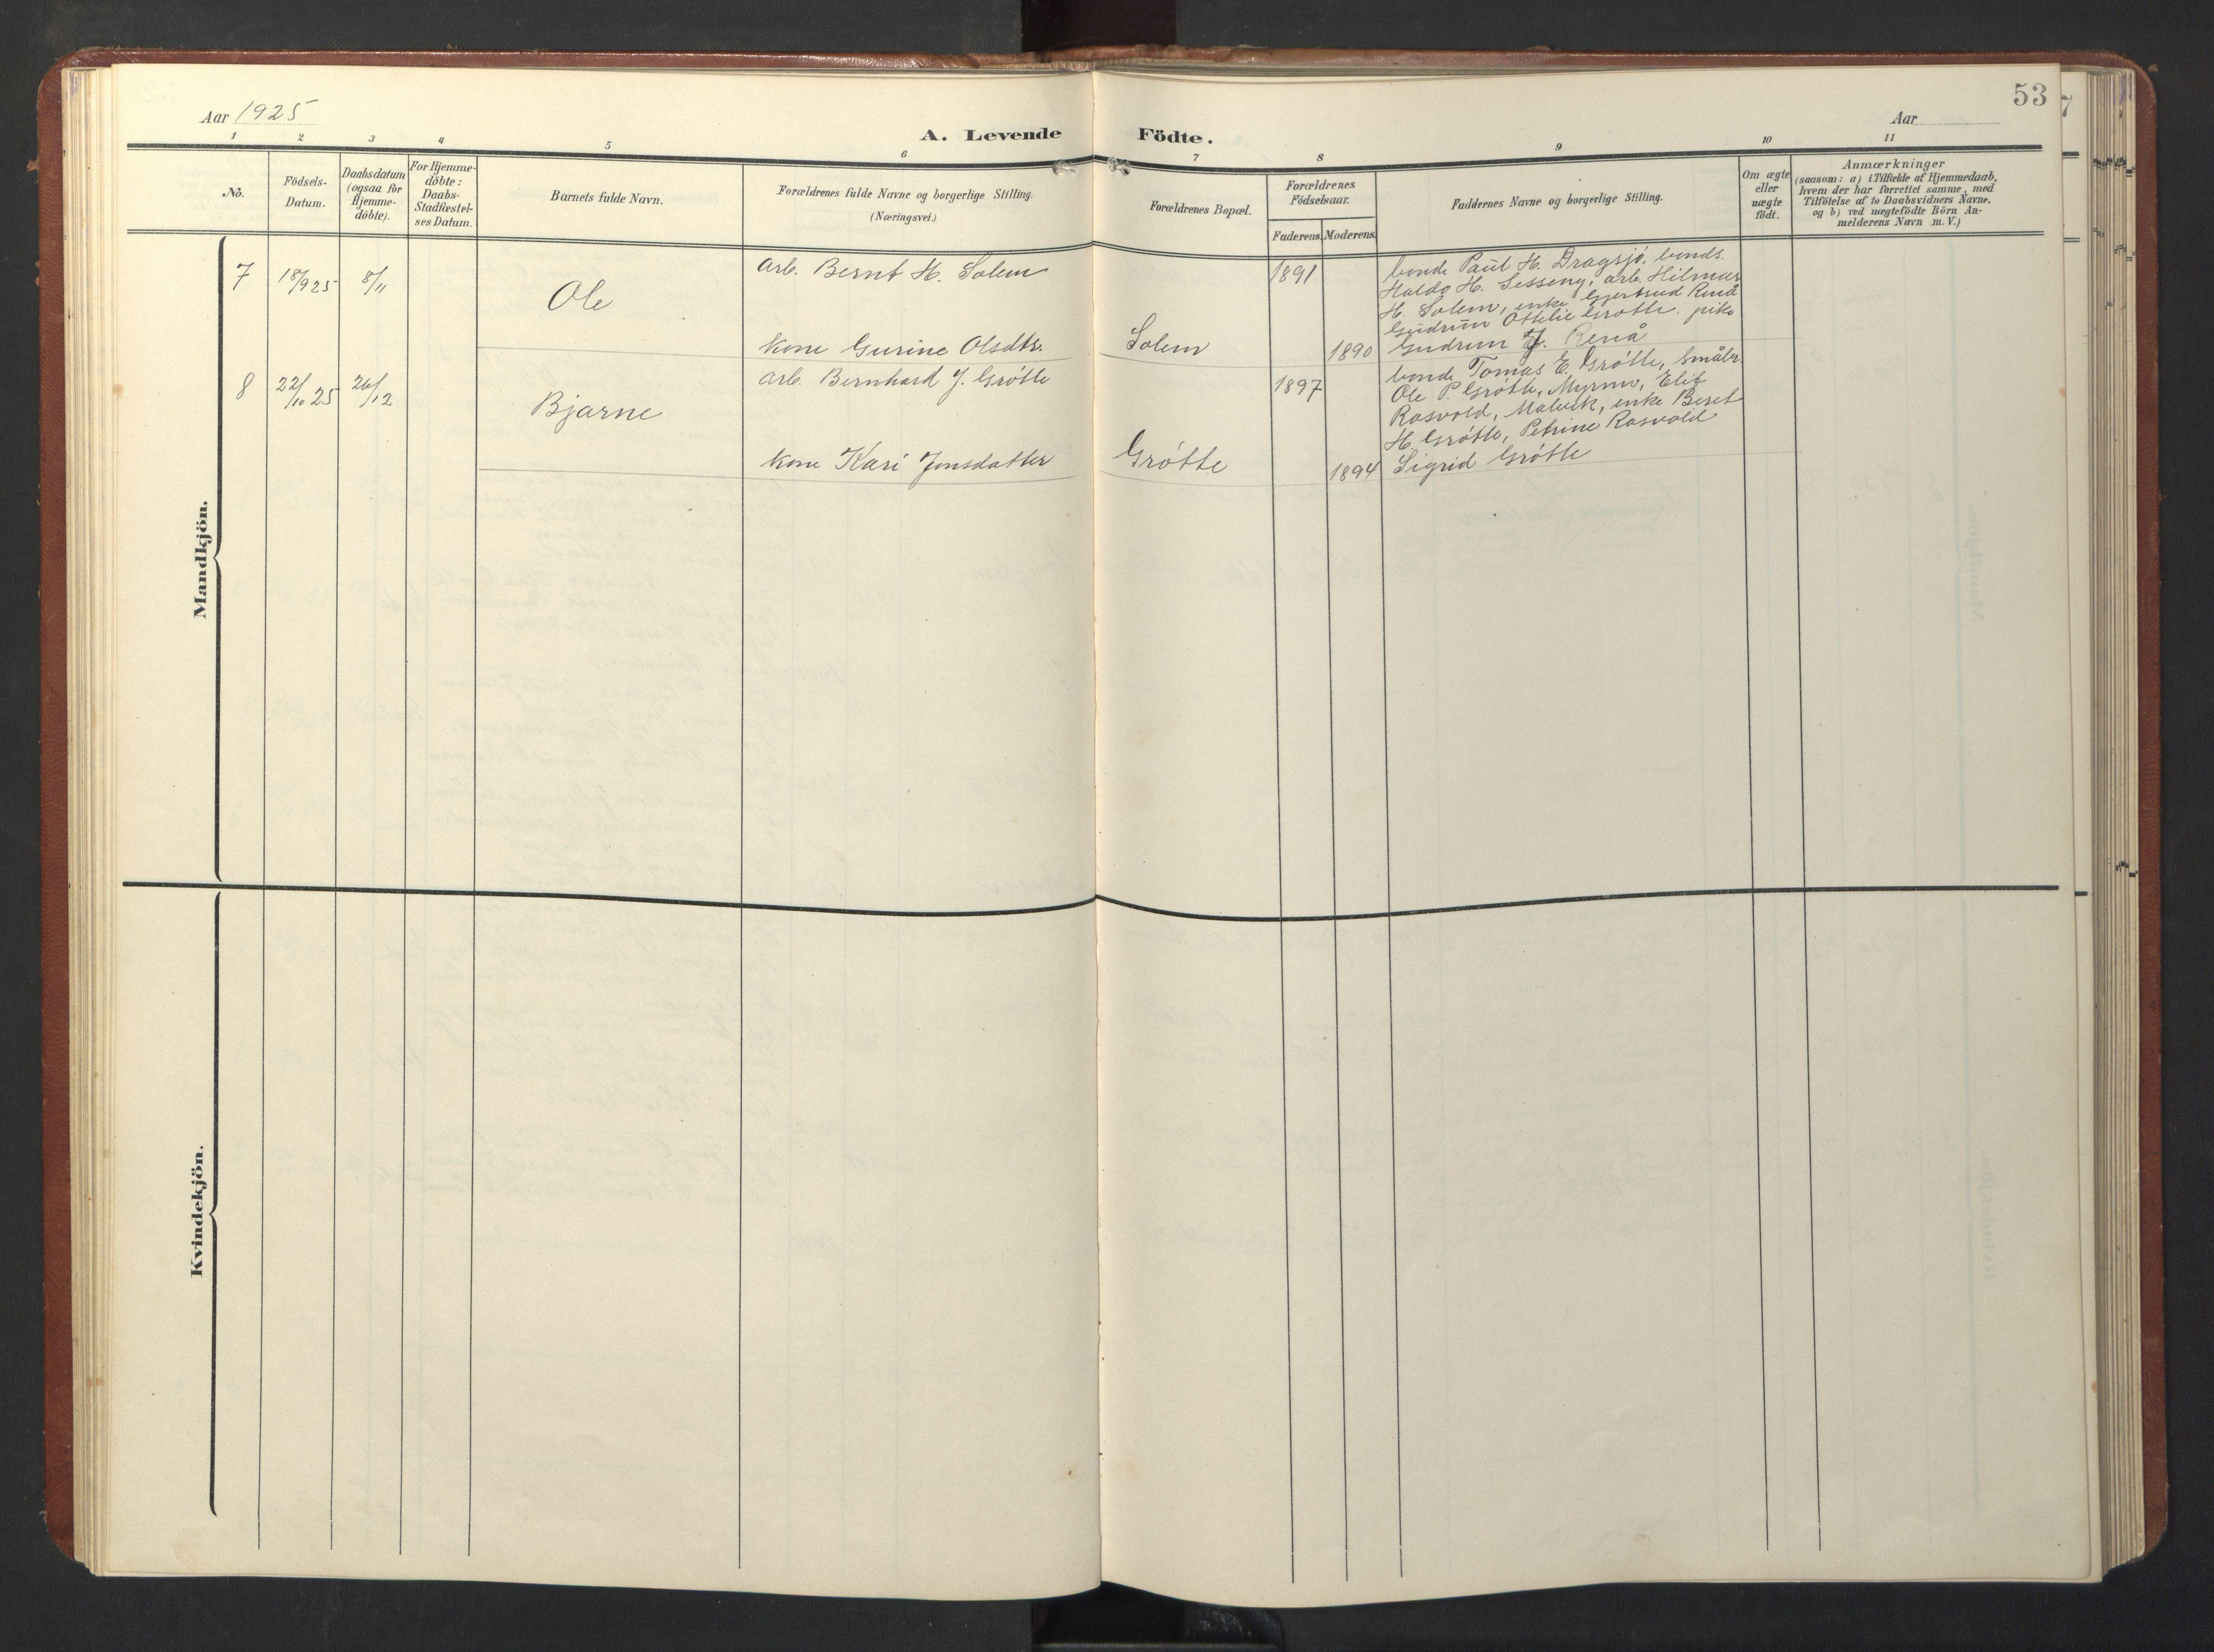 SAT, Ministerialprotokoller, klokkerbøker og fødselsregistre - Sør-Trøndelag, 696/L1161: Klokkerbok nr. 696C01, 1902-1950, s. 53